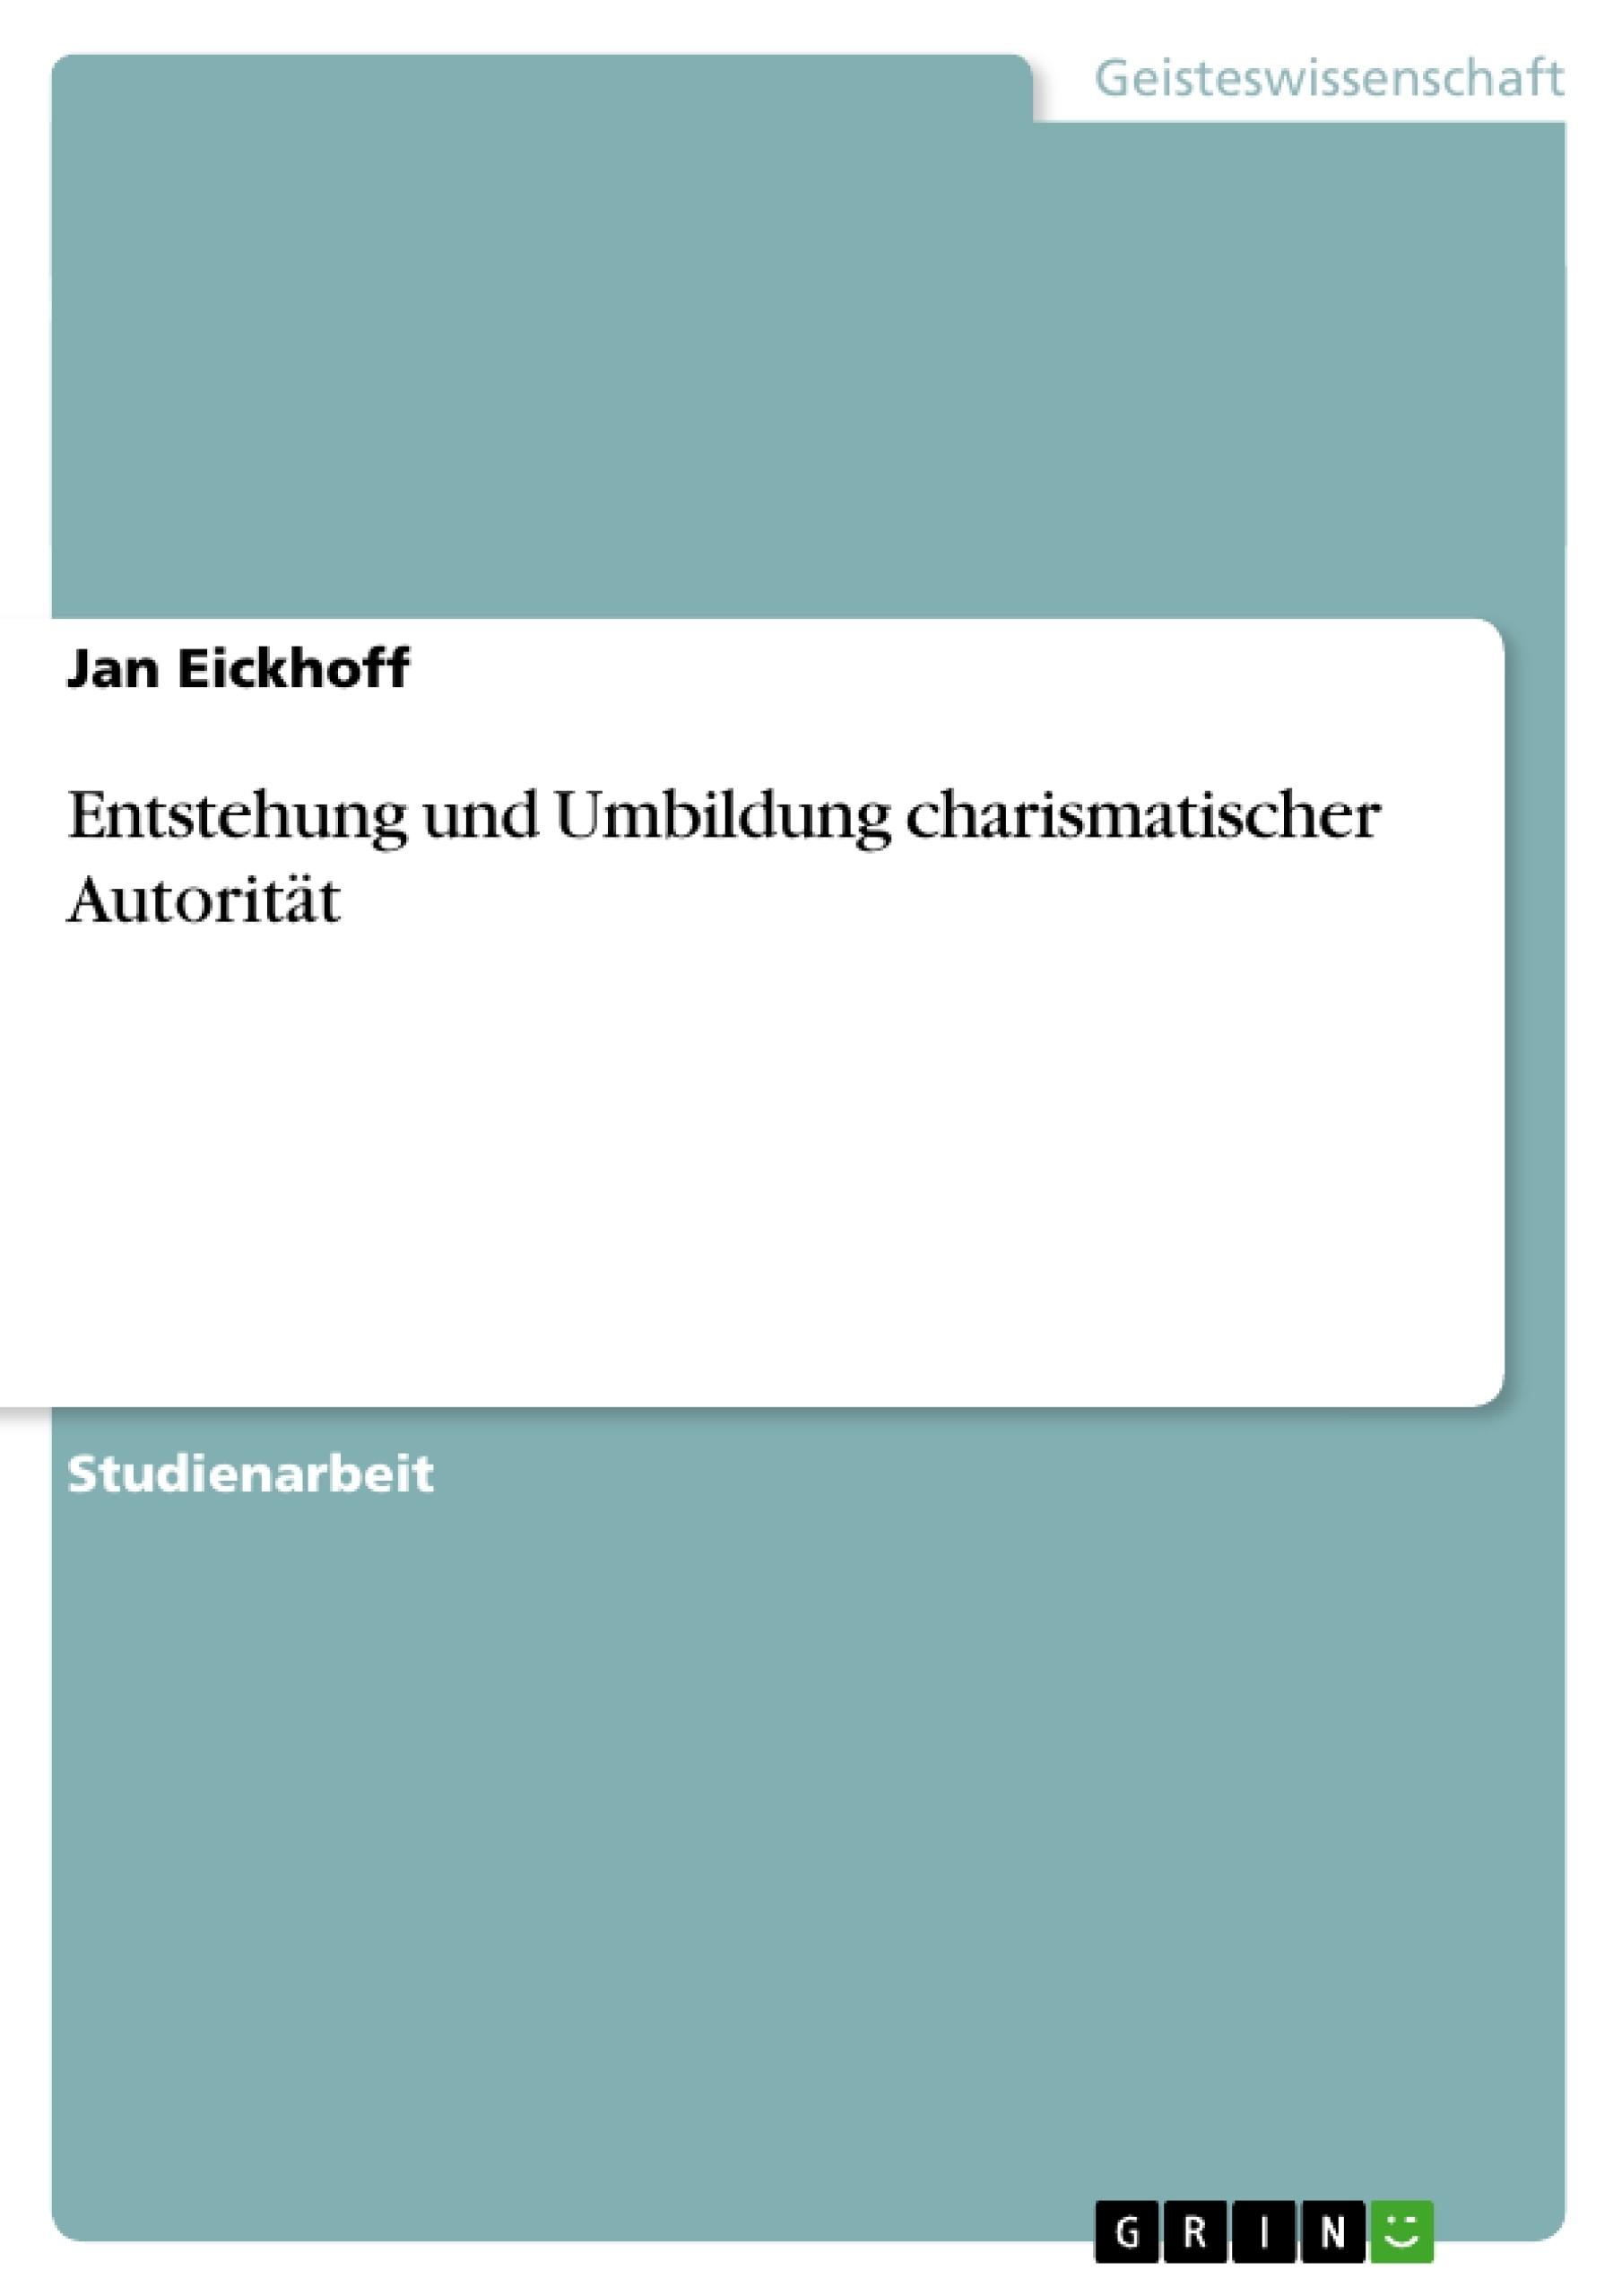 Titel: Entstehung und Umbildung charismatischer Autorität